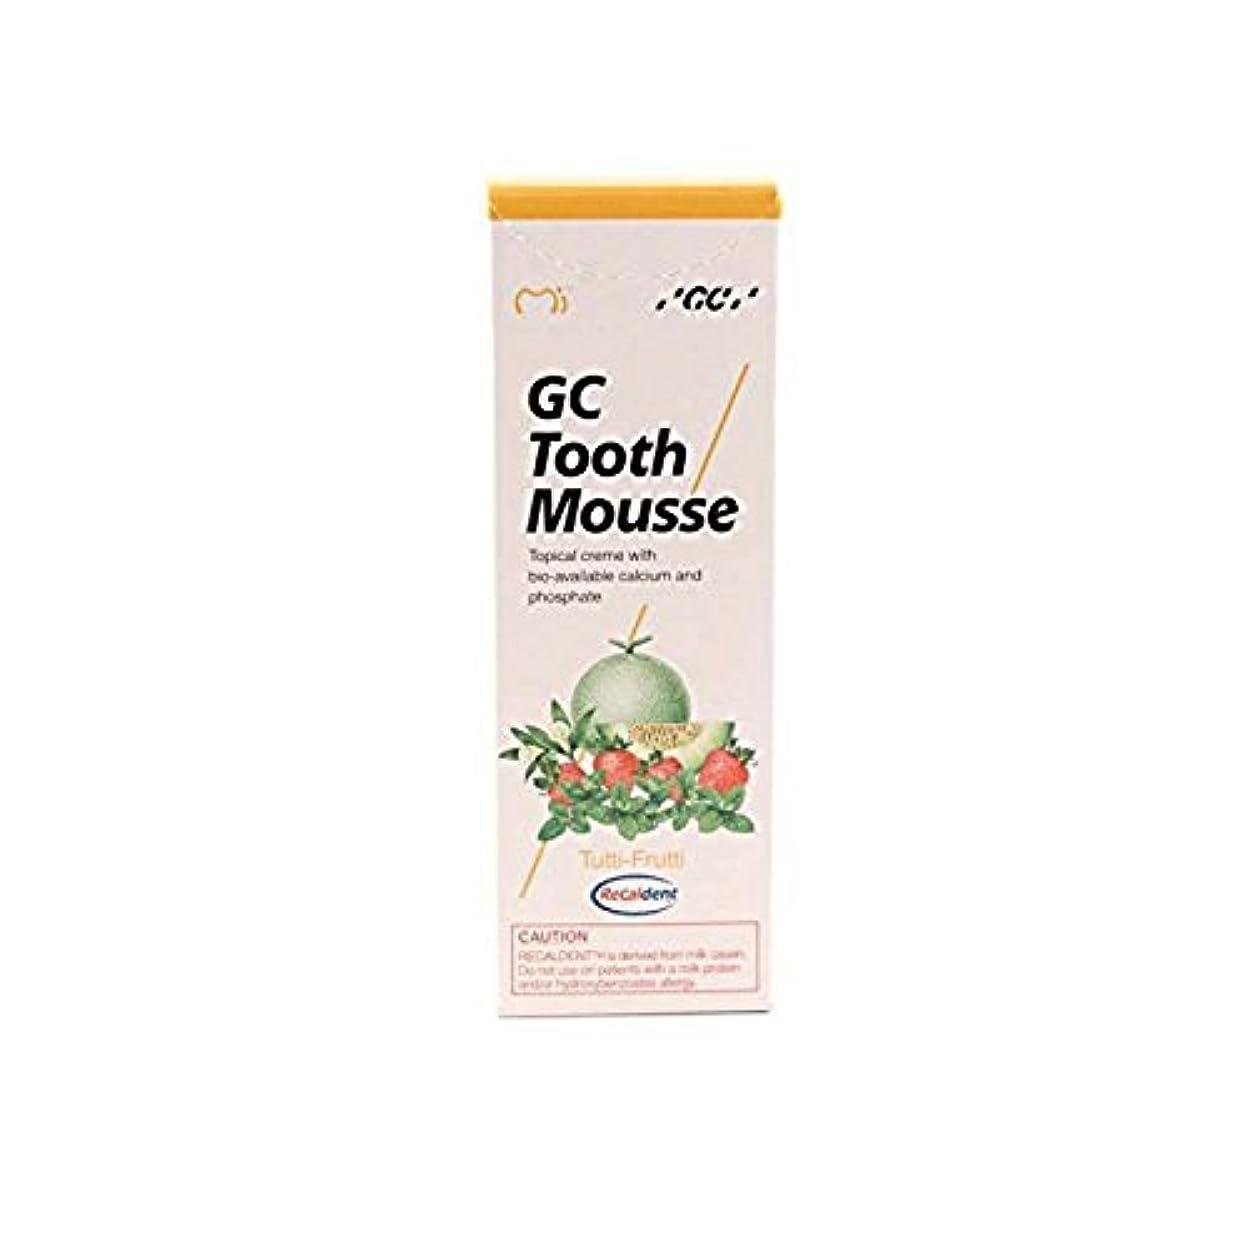 主に馬鹿げた感嘆符Gc の歯のムース練り歯磨き粉の盛り合わせの味40g (タフティフルーティー (Tutty Frutty))